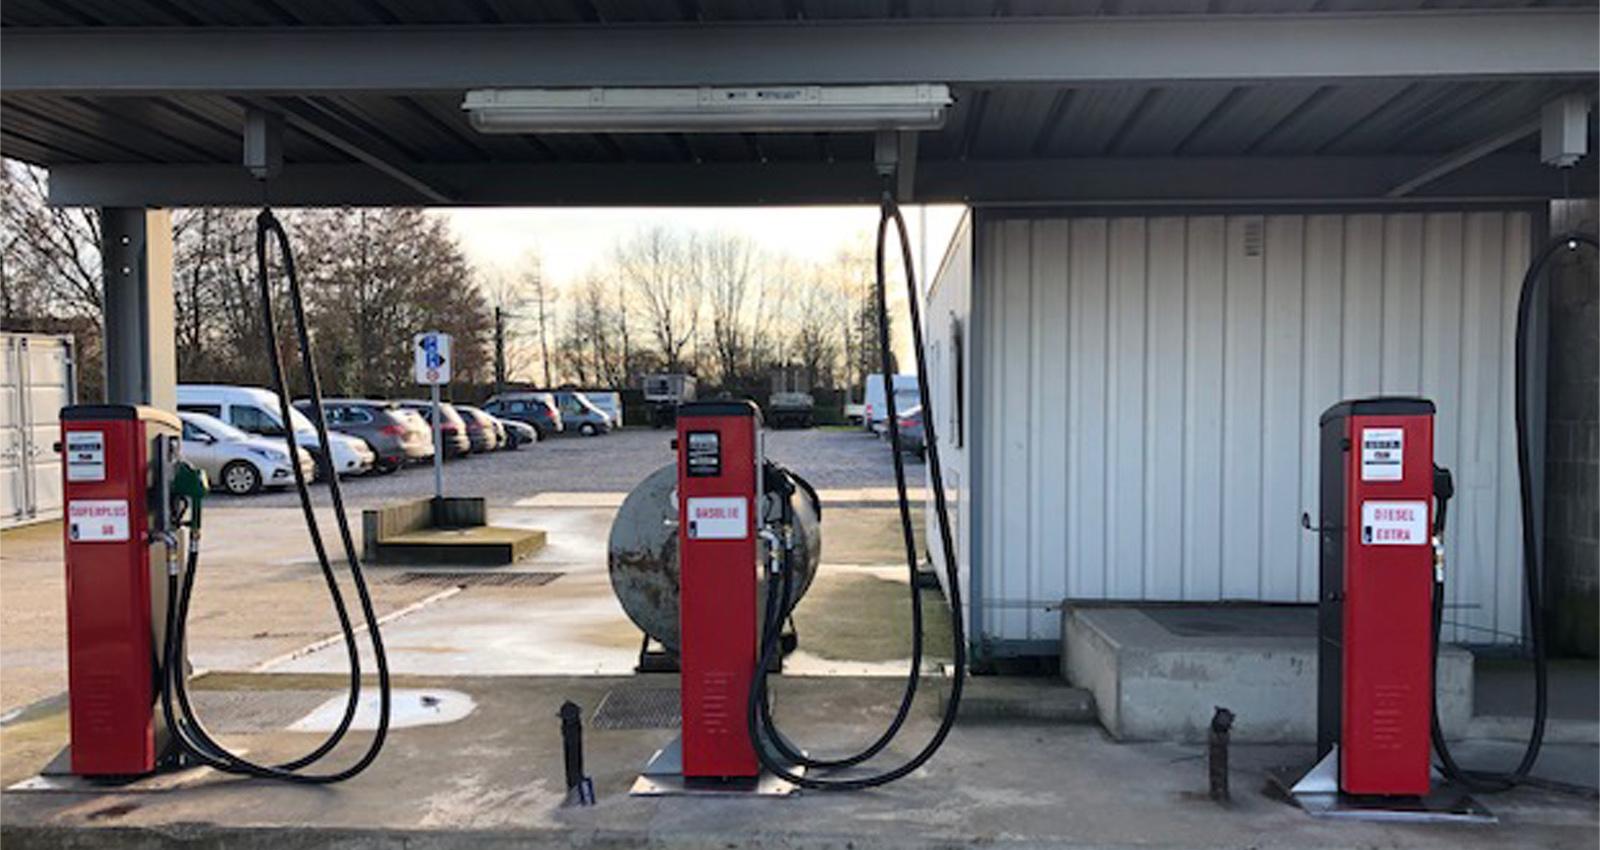 Staande pompen voor diesel en mazout. Meerdere pompen naast elkaar